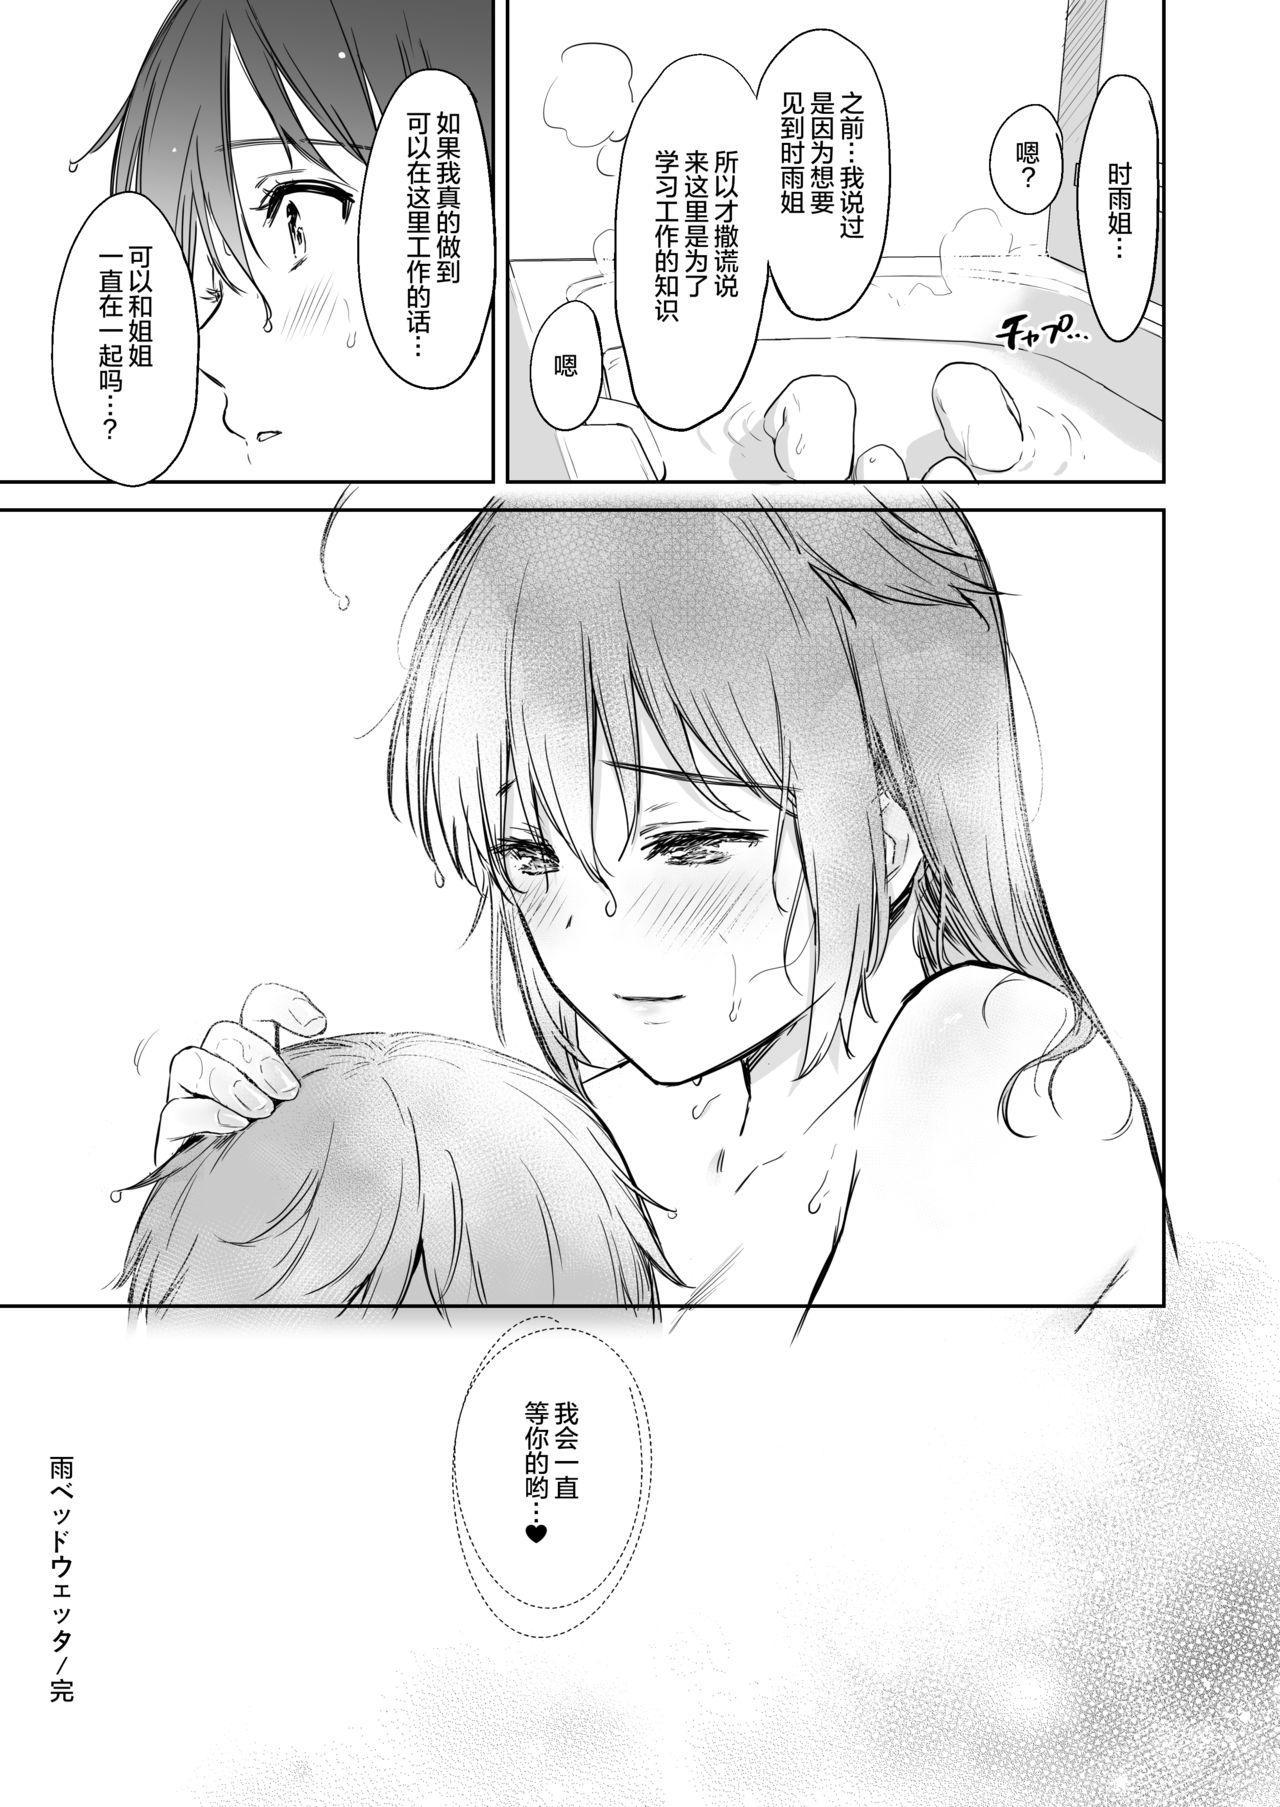 Shigure Bedwetter 28